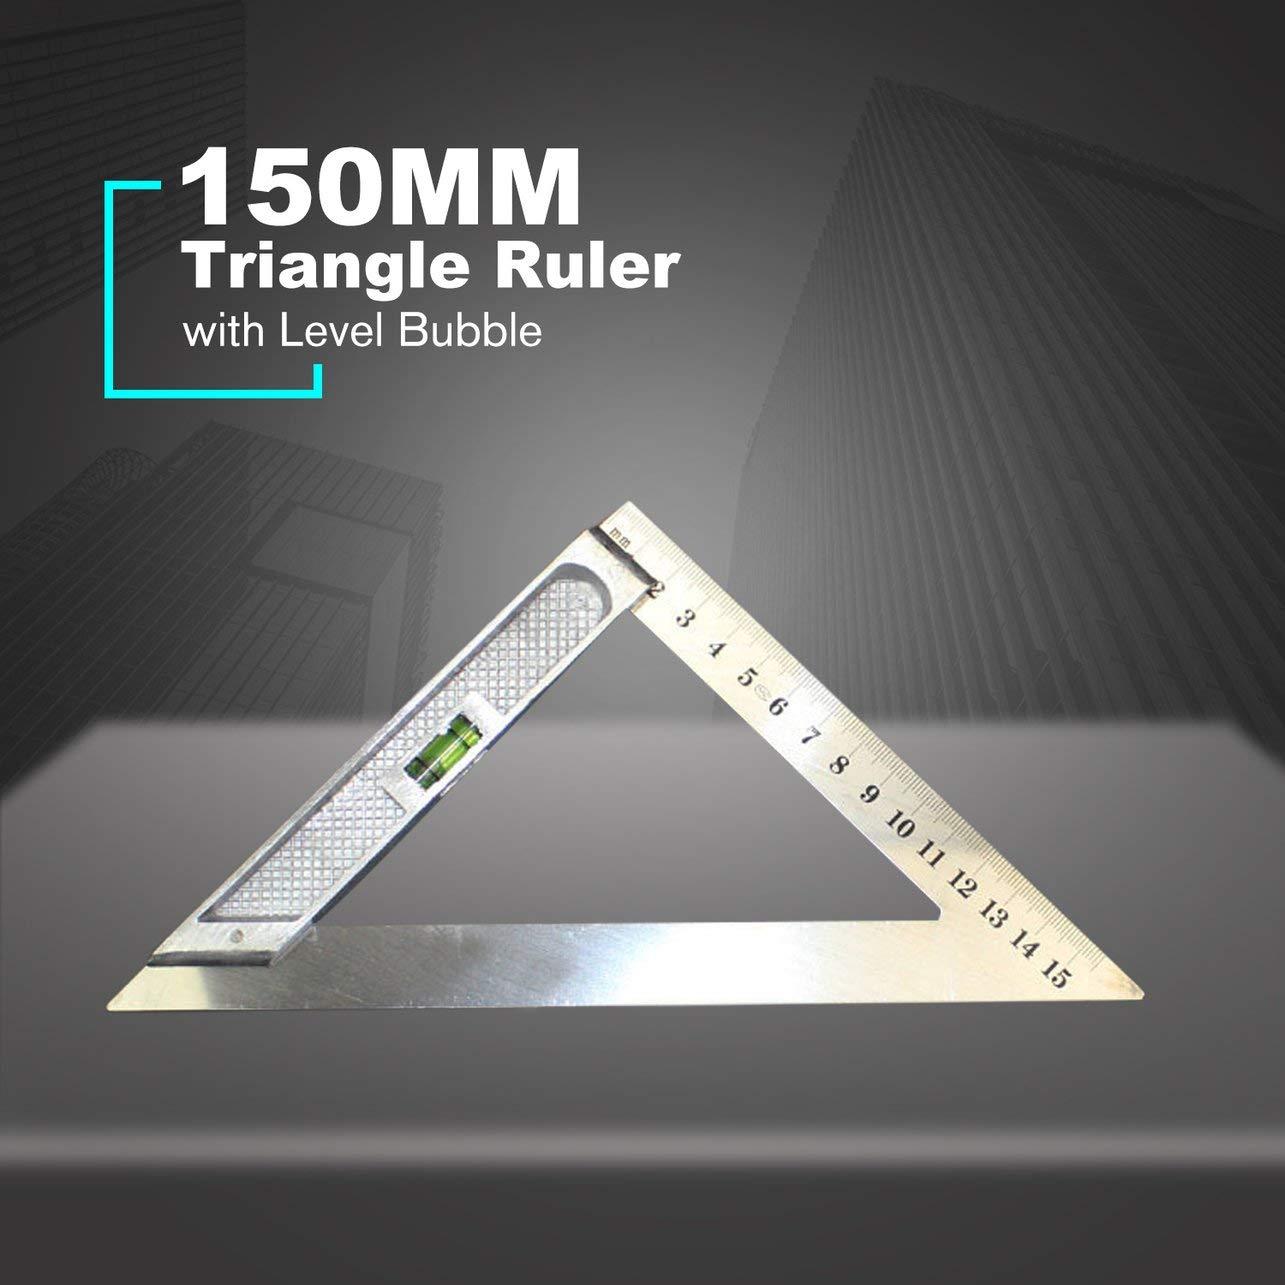 150MM Horizontal Tri/ángulo regla triangular regla de medici/ón de /ángulos del tri/ángulo de /ángulo herramienta de medici/ón con nivel de burbuja plata